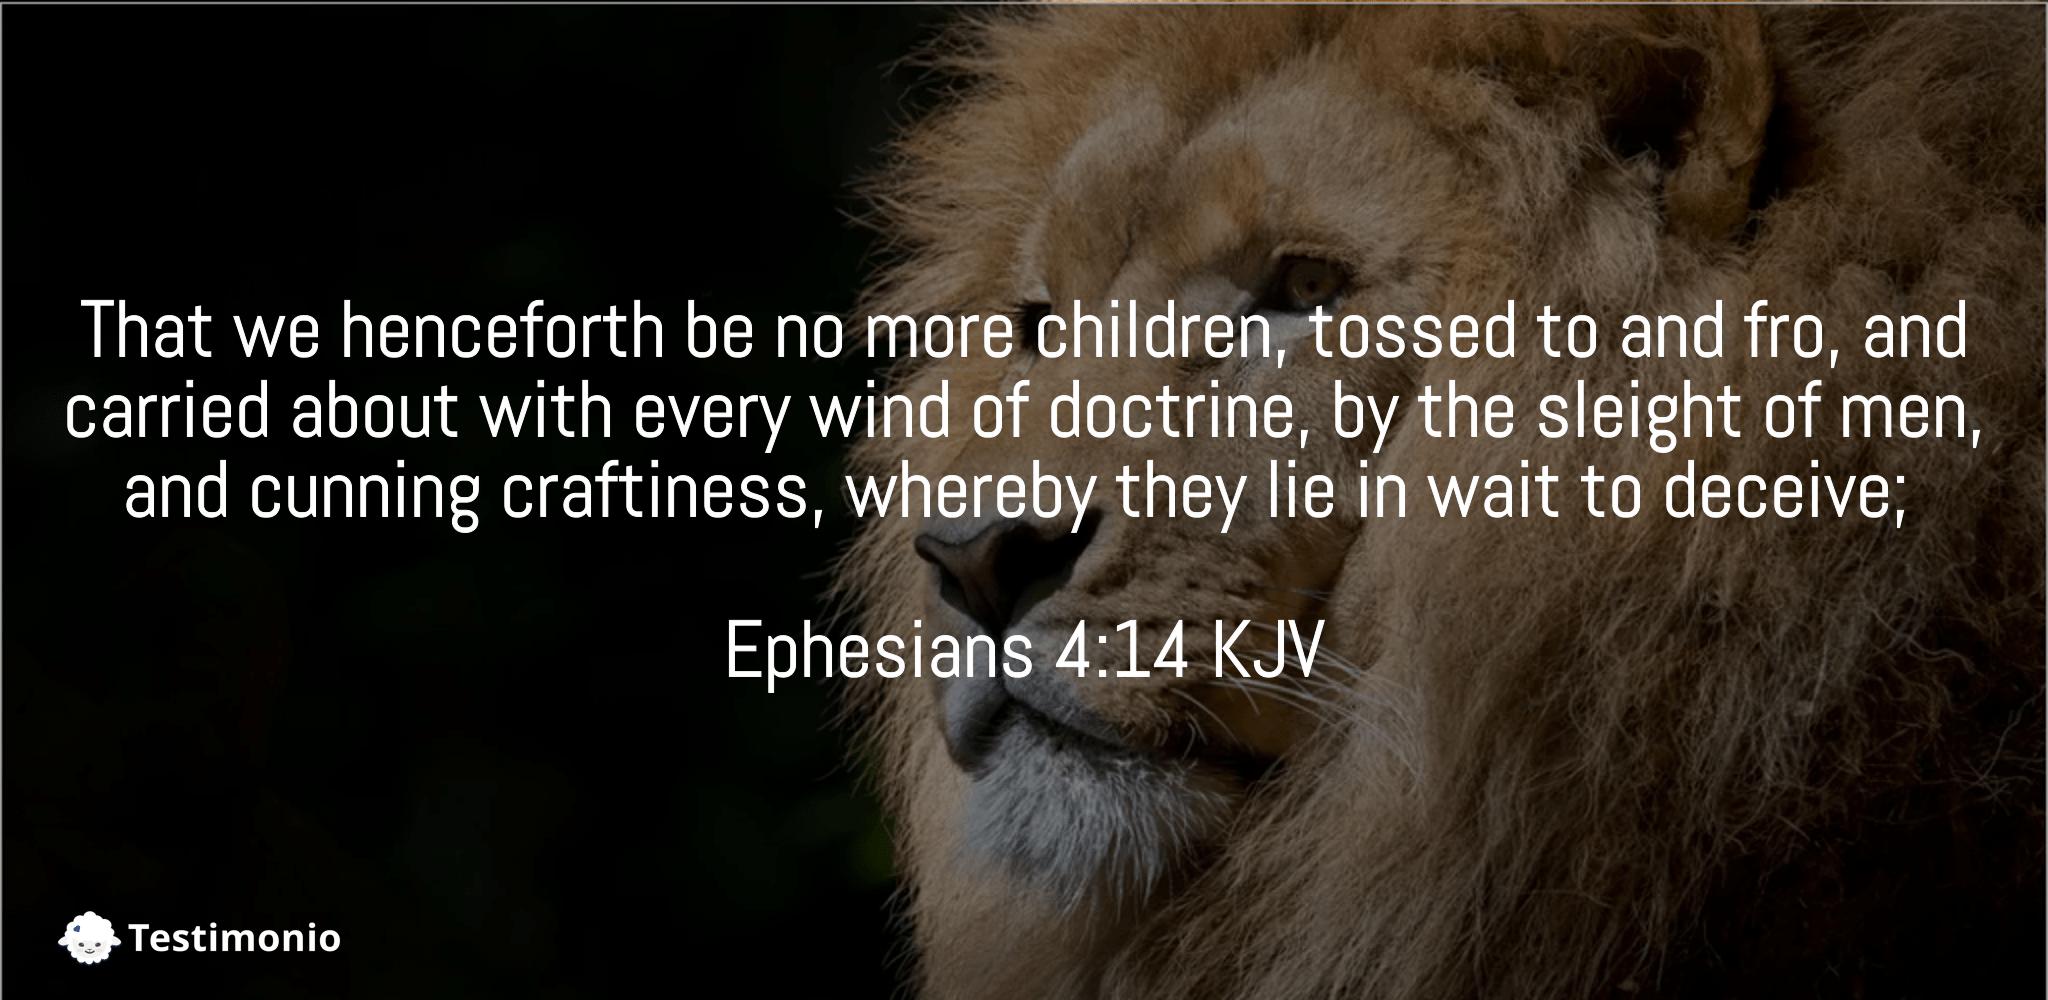 Ephesians 4:14